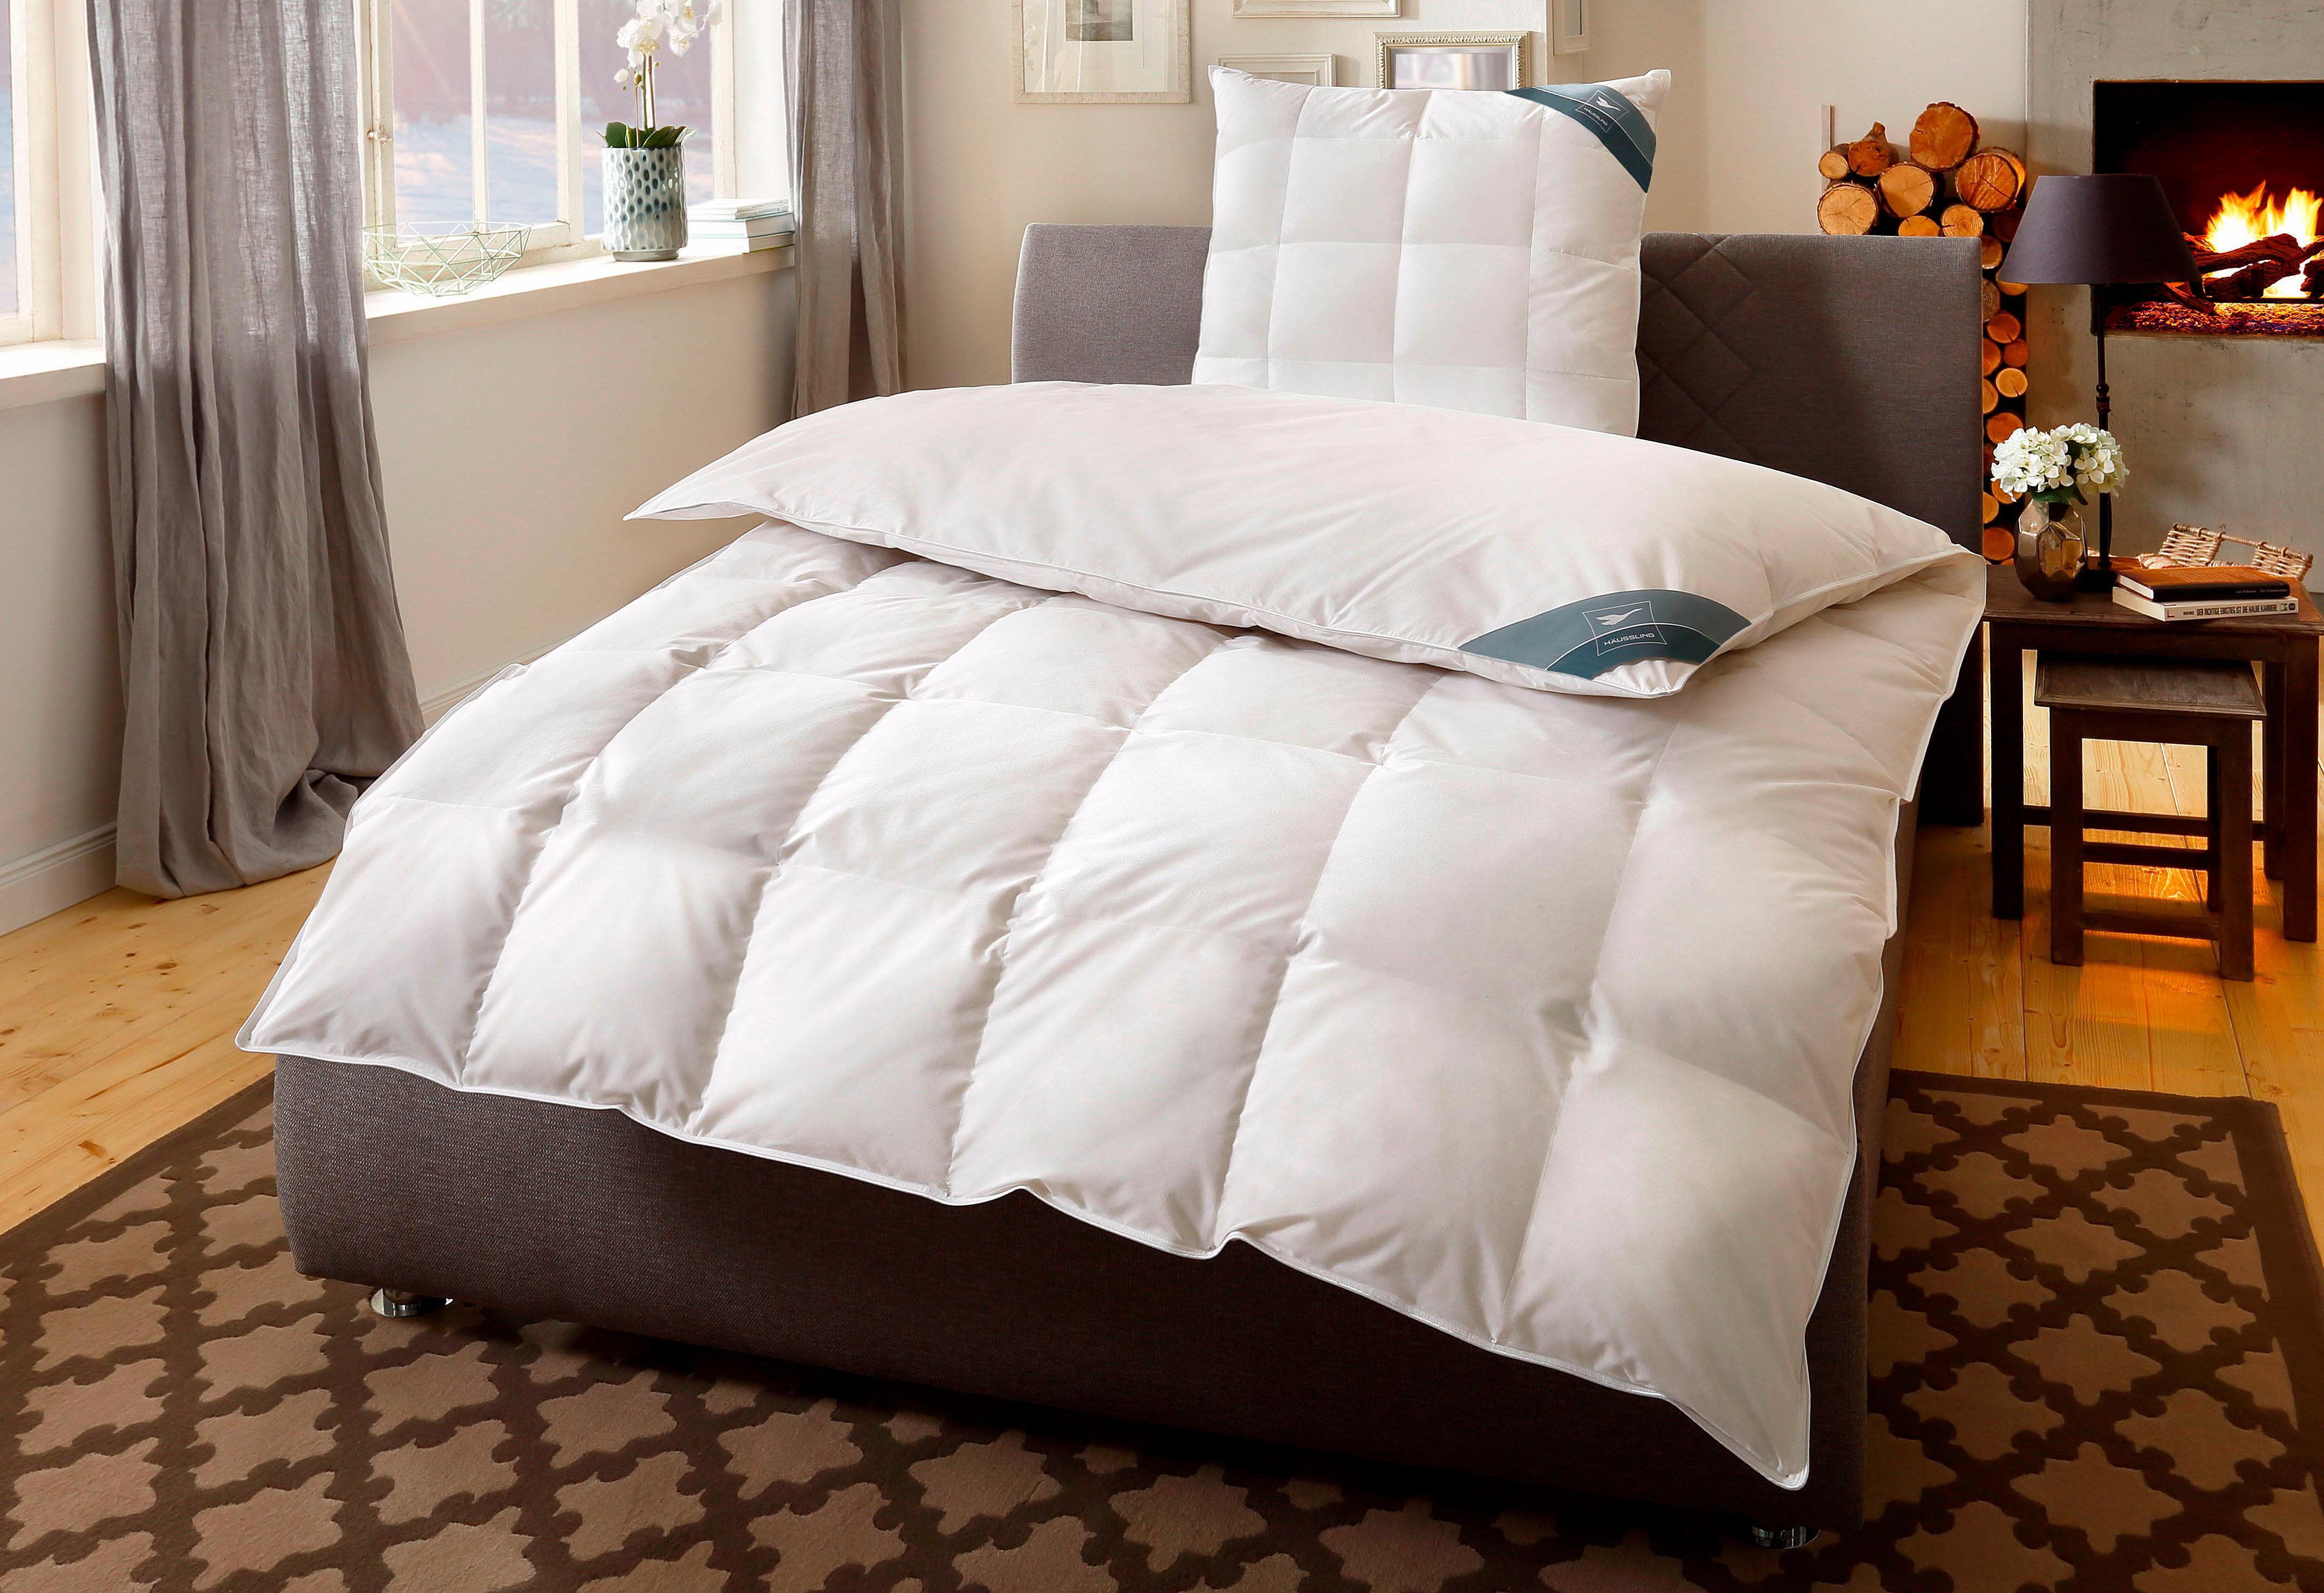 Daunenbettdecke BodyPerfect Haeussling polarwarm Füllung: 60% Daunen 40% Federn Bezug: 100% Baumwolle